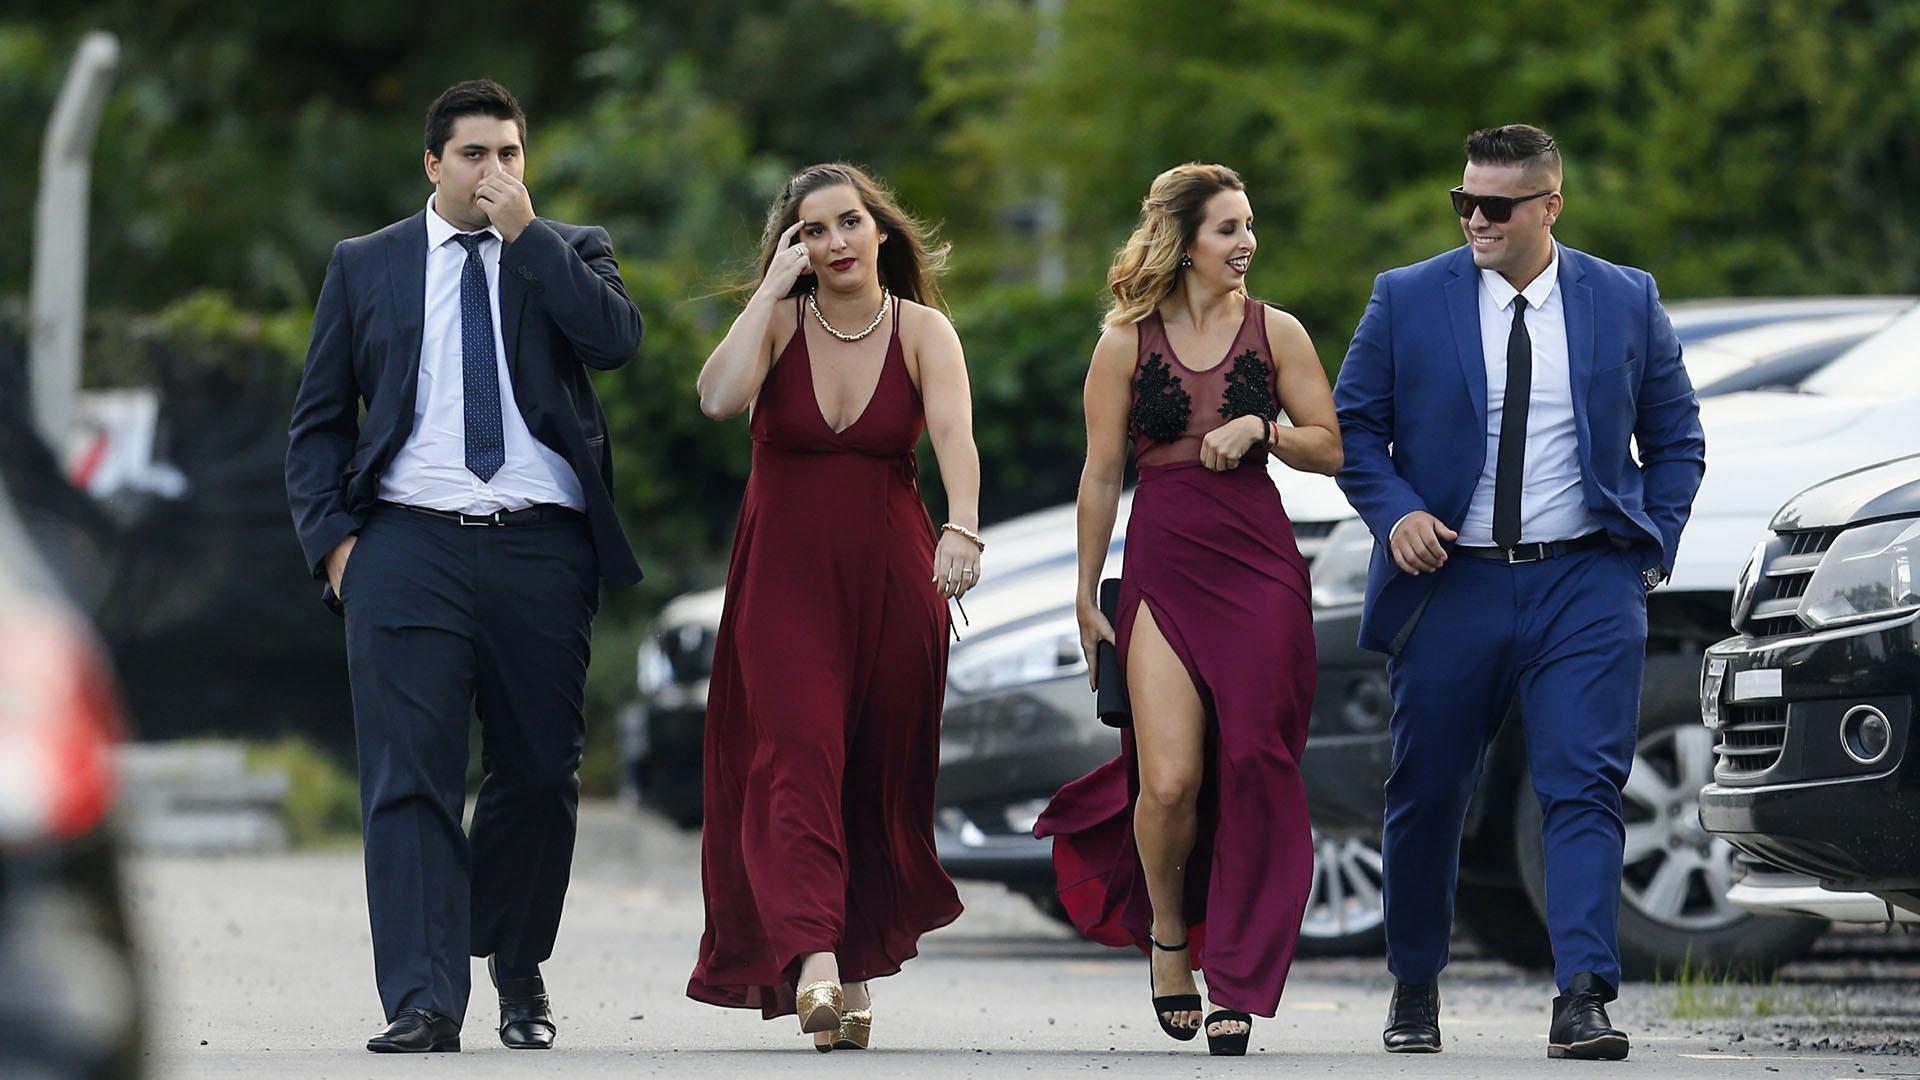 Los amigos y familiares se confundieron con las figuras del espectáculo (Nicolás Aboaf)